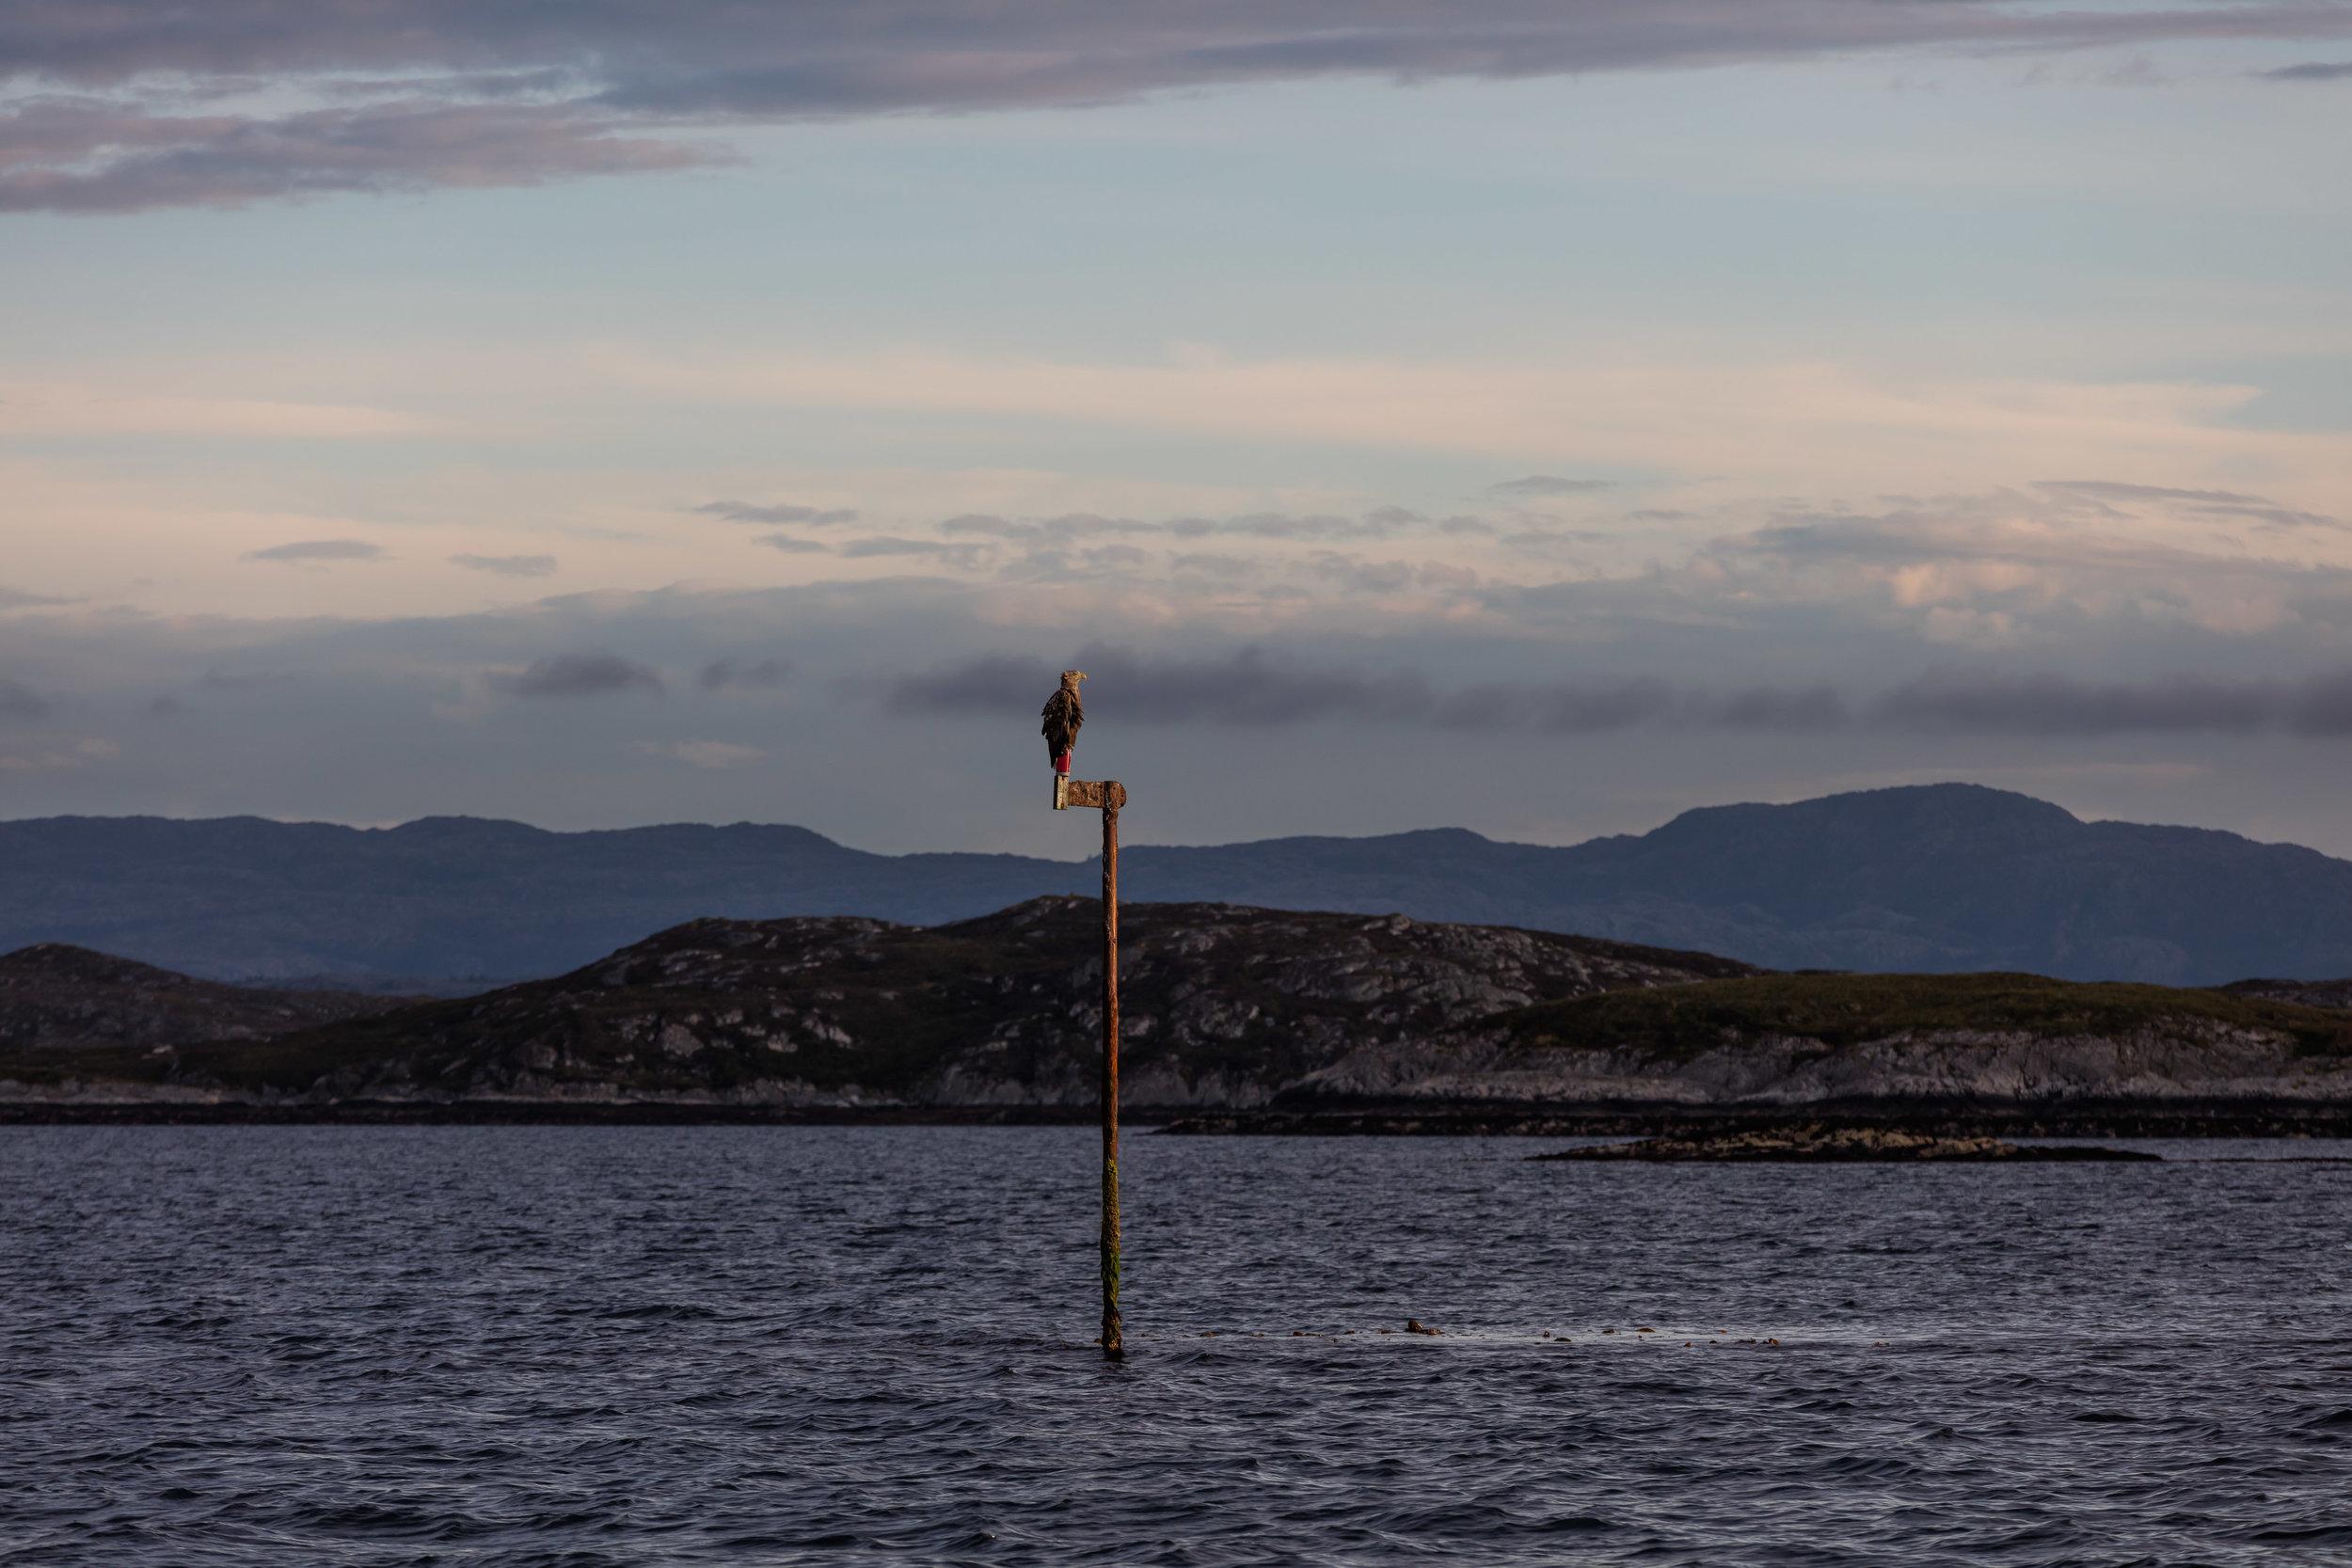 Ørn-Hitra-Norge-norway-fotoknoff-sven-erik-knoff-1129.jpg